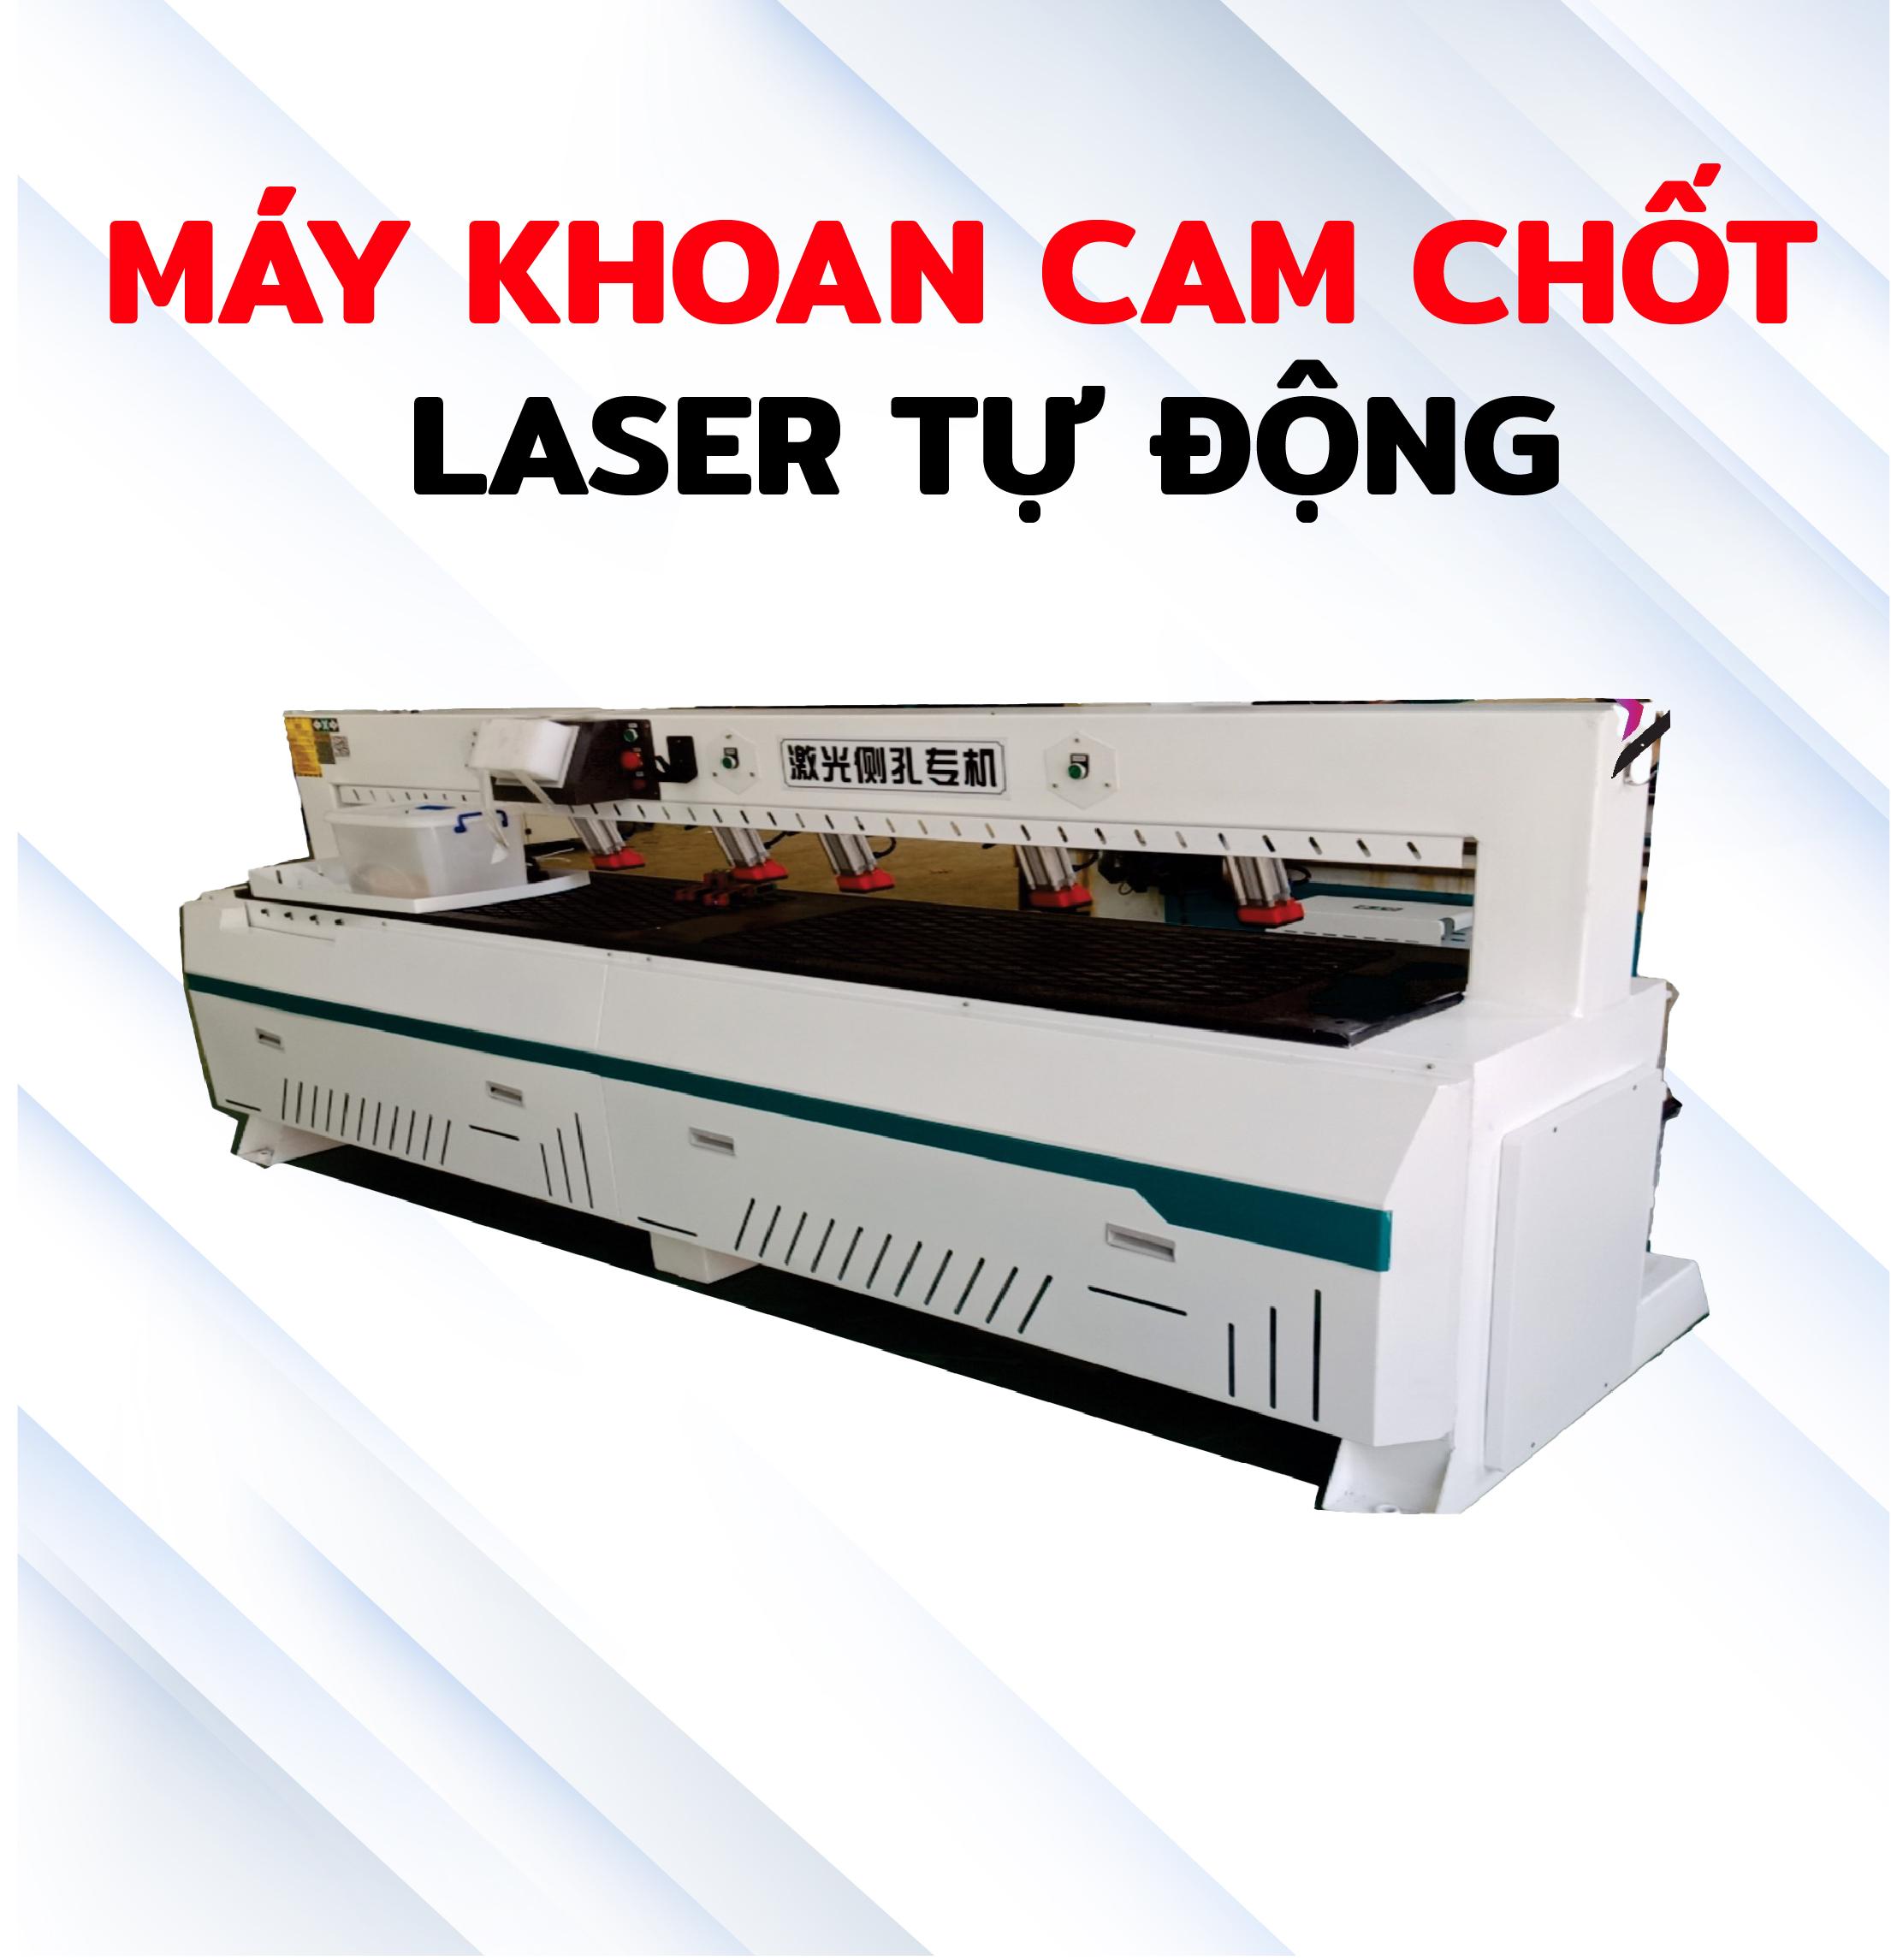 Máy khoan cam chốt laser tự động